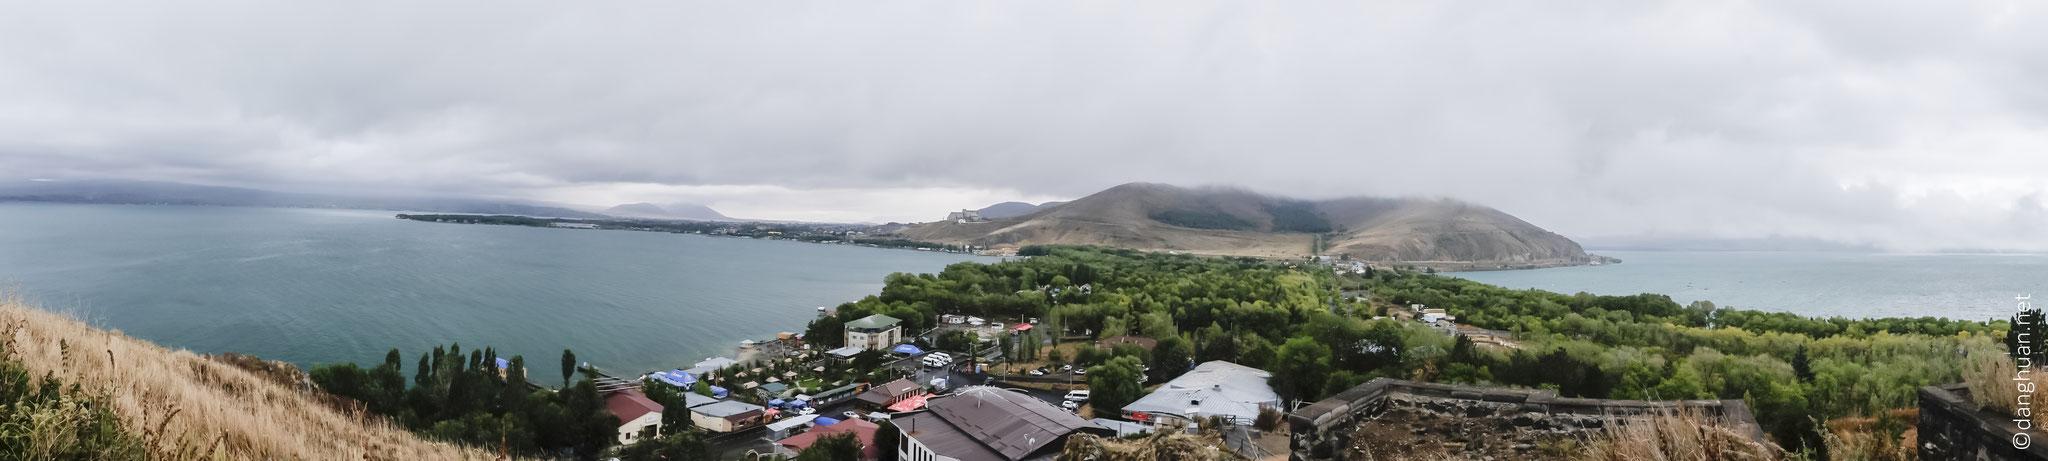 Le monastère Sevanavank est situé sur une péninsule du lac Sevan...